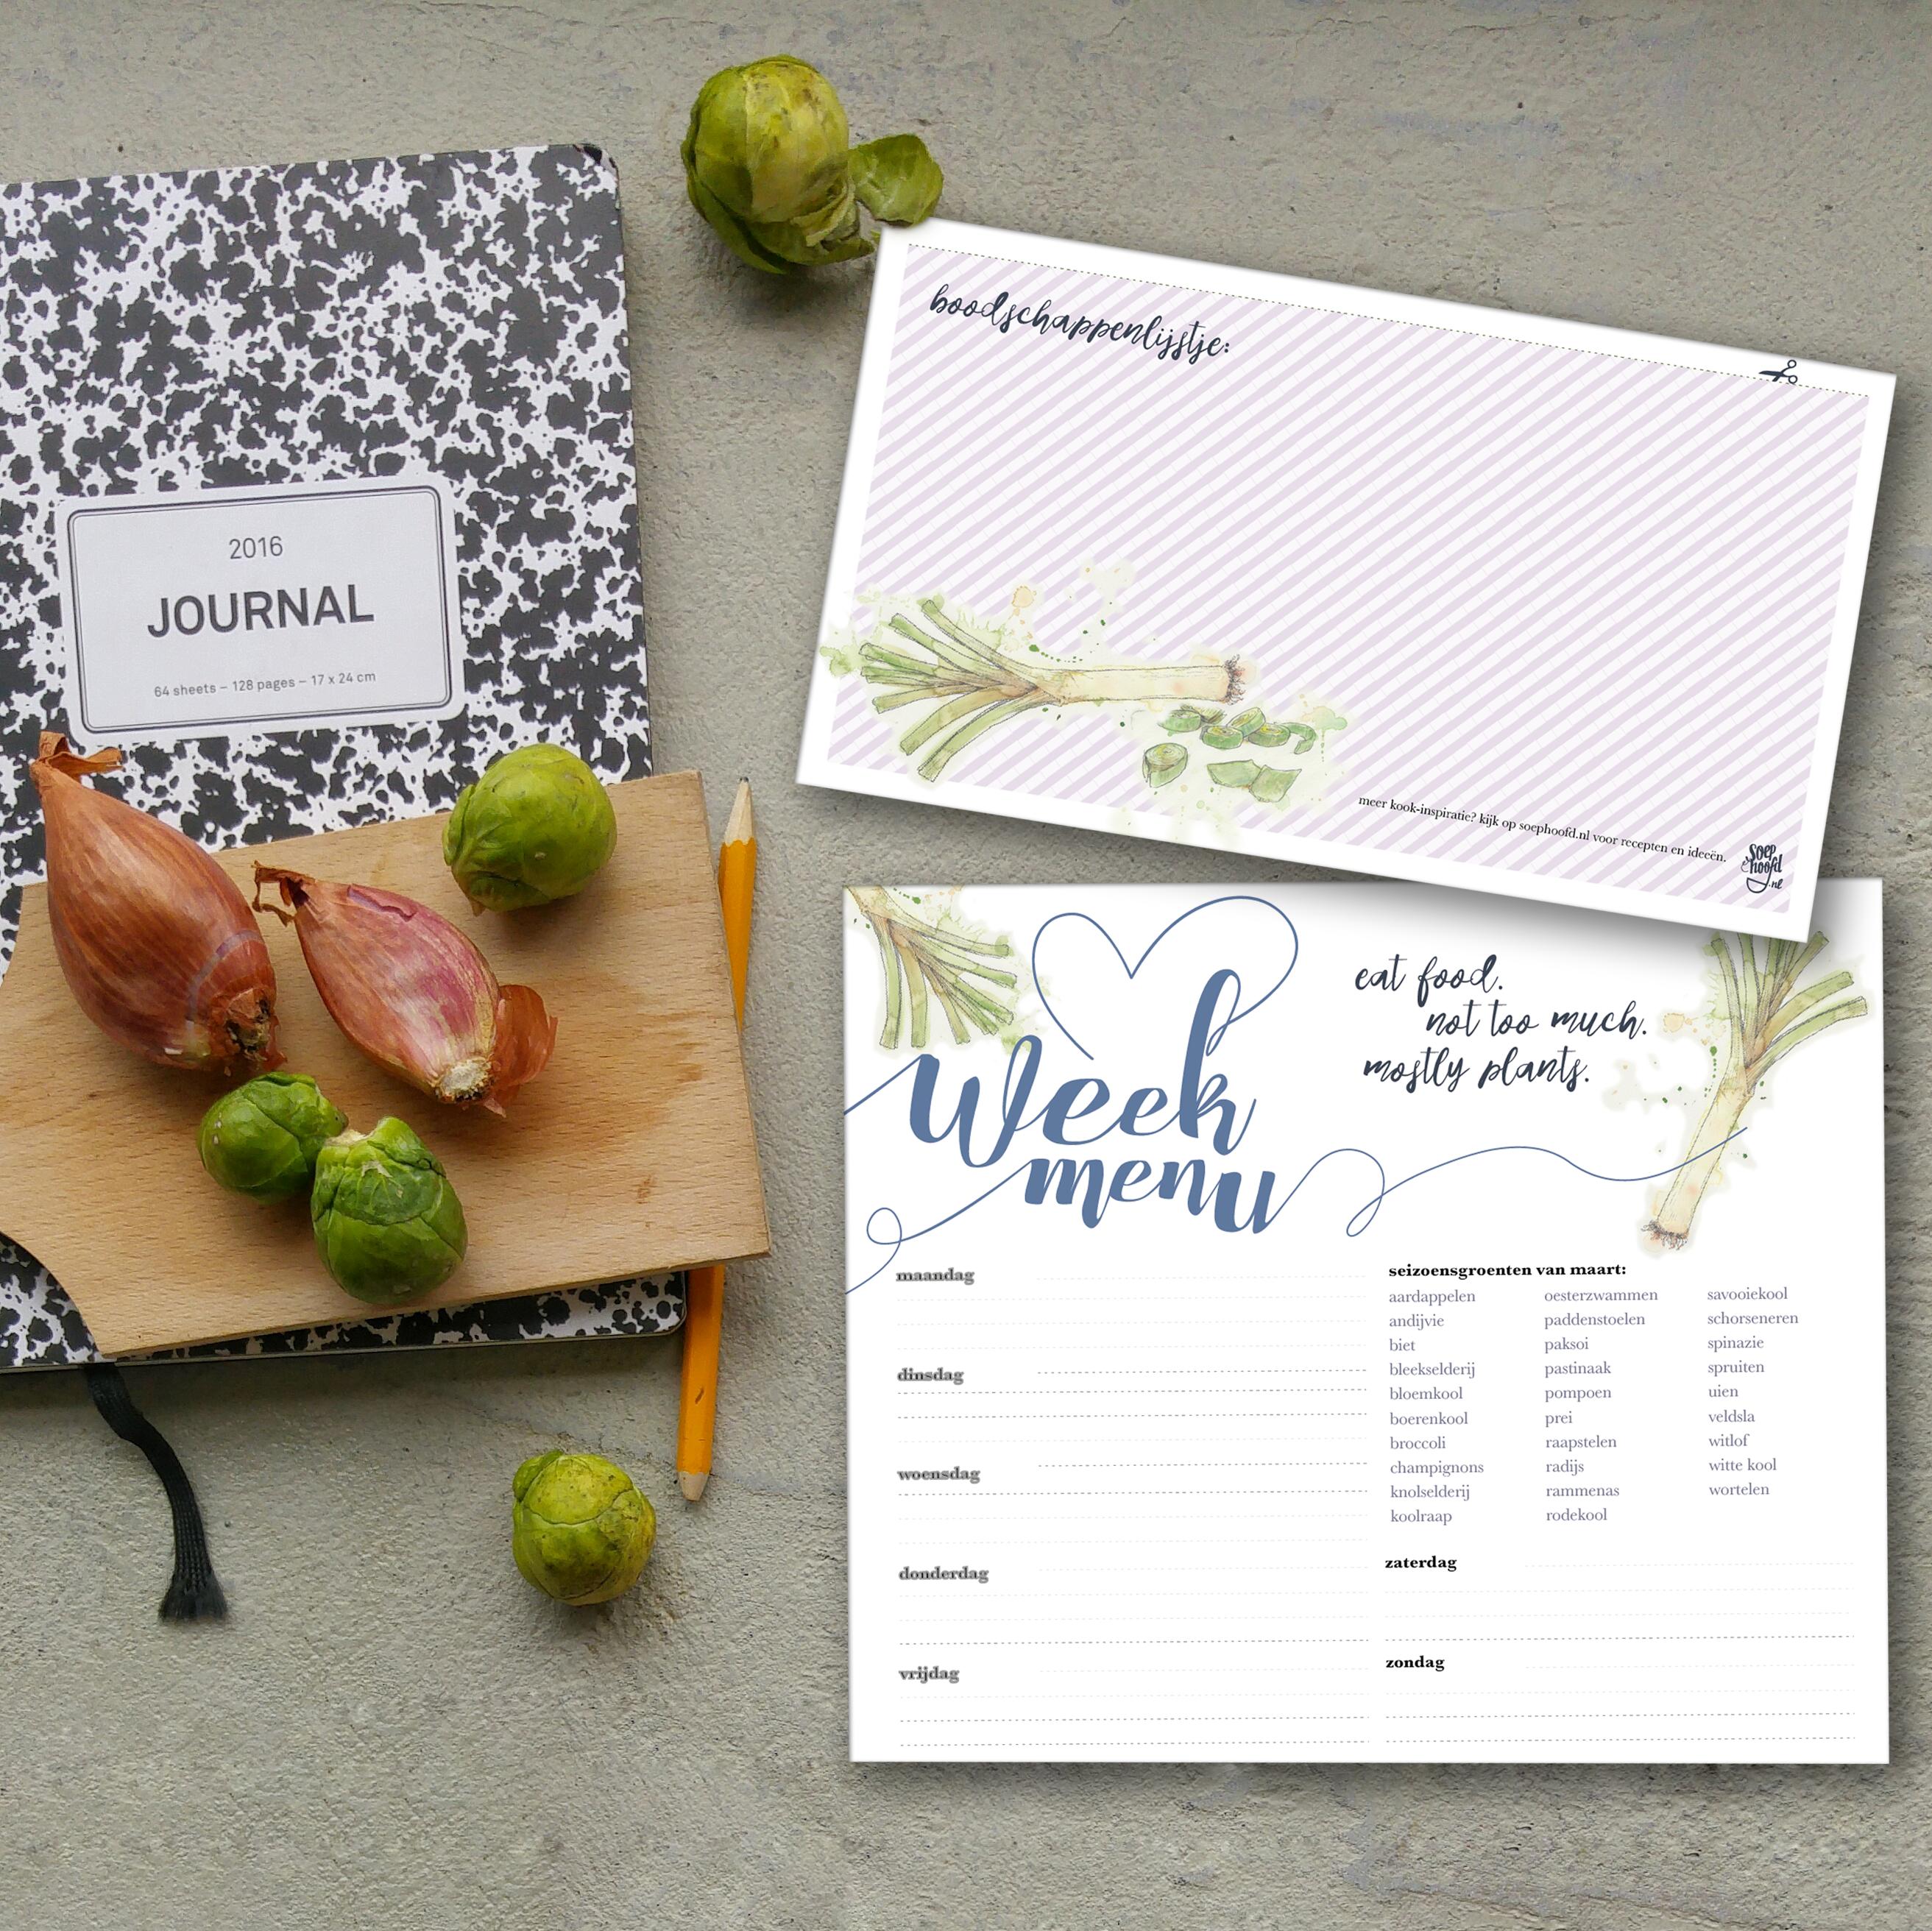 week menu planner maart download